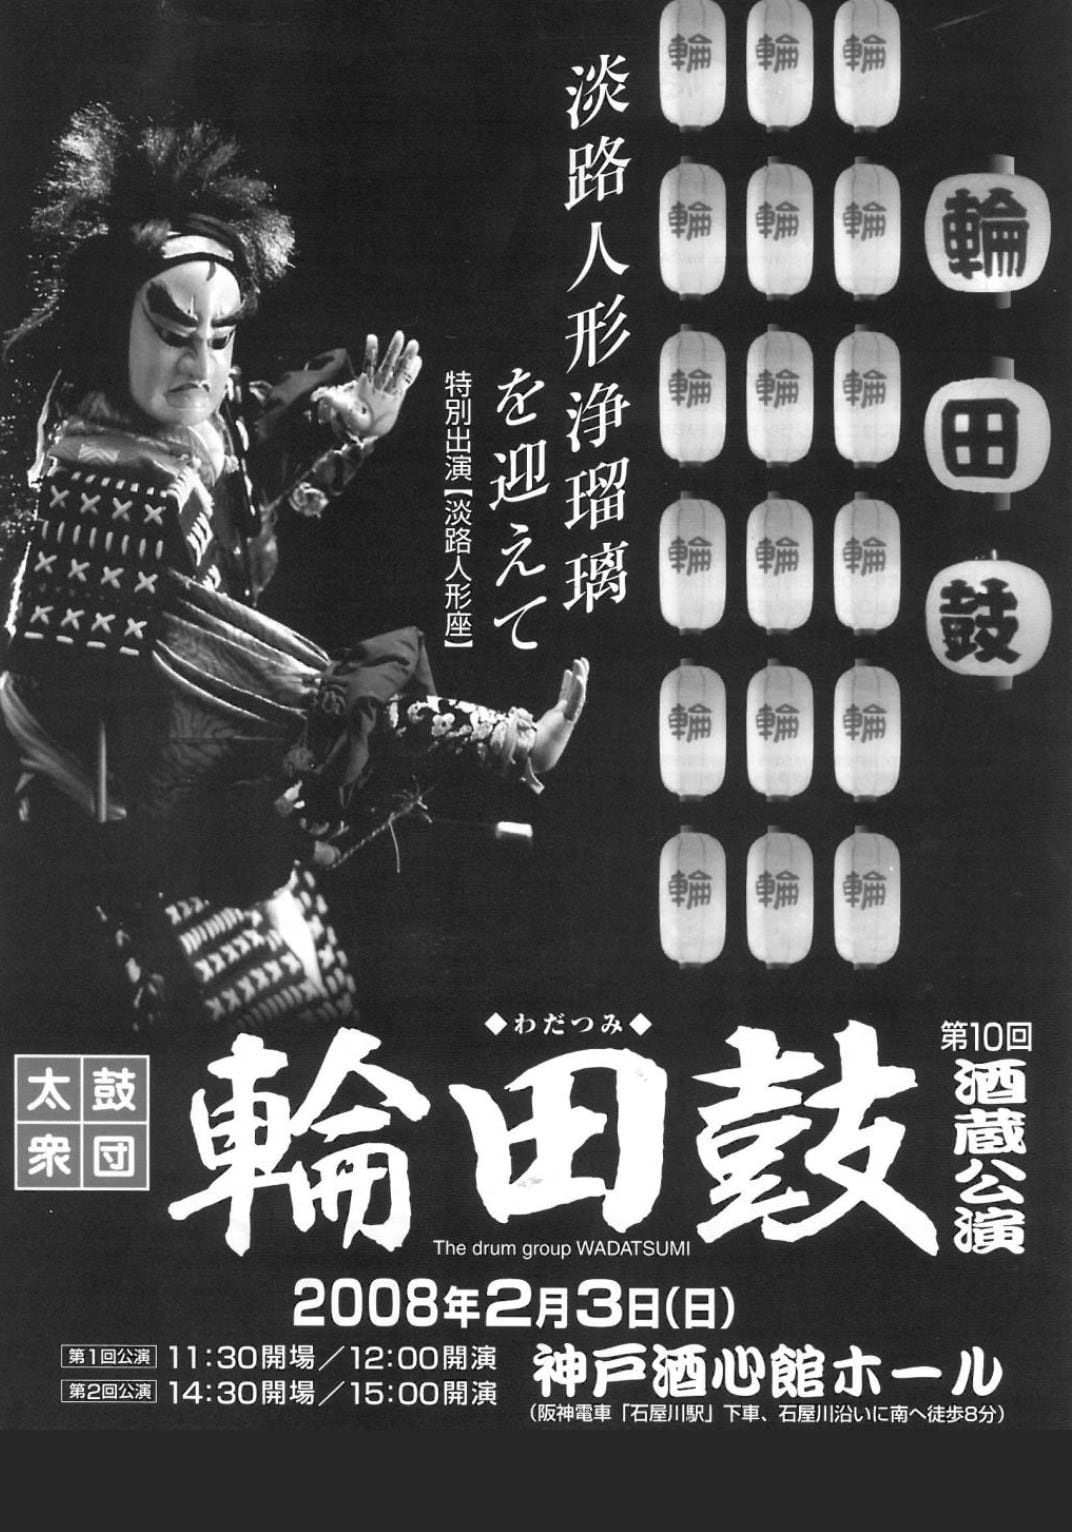 太鼓衆団 輪田鼓酒蔵公演「淡路人形浄瑠璃 迎」(DVD)